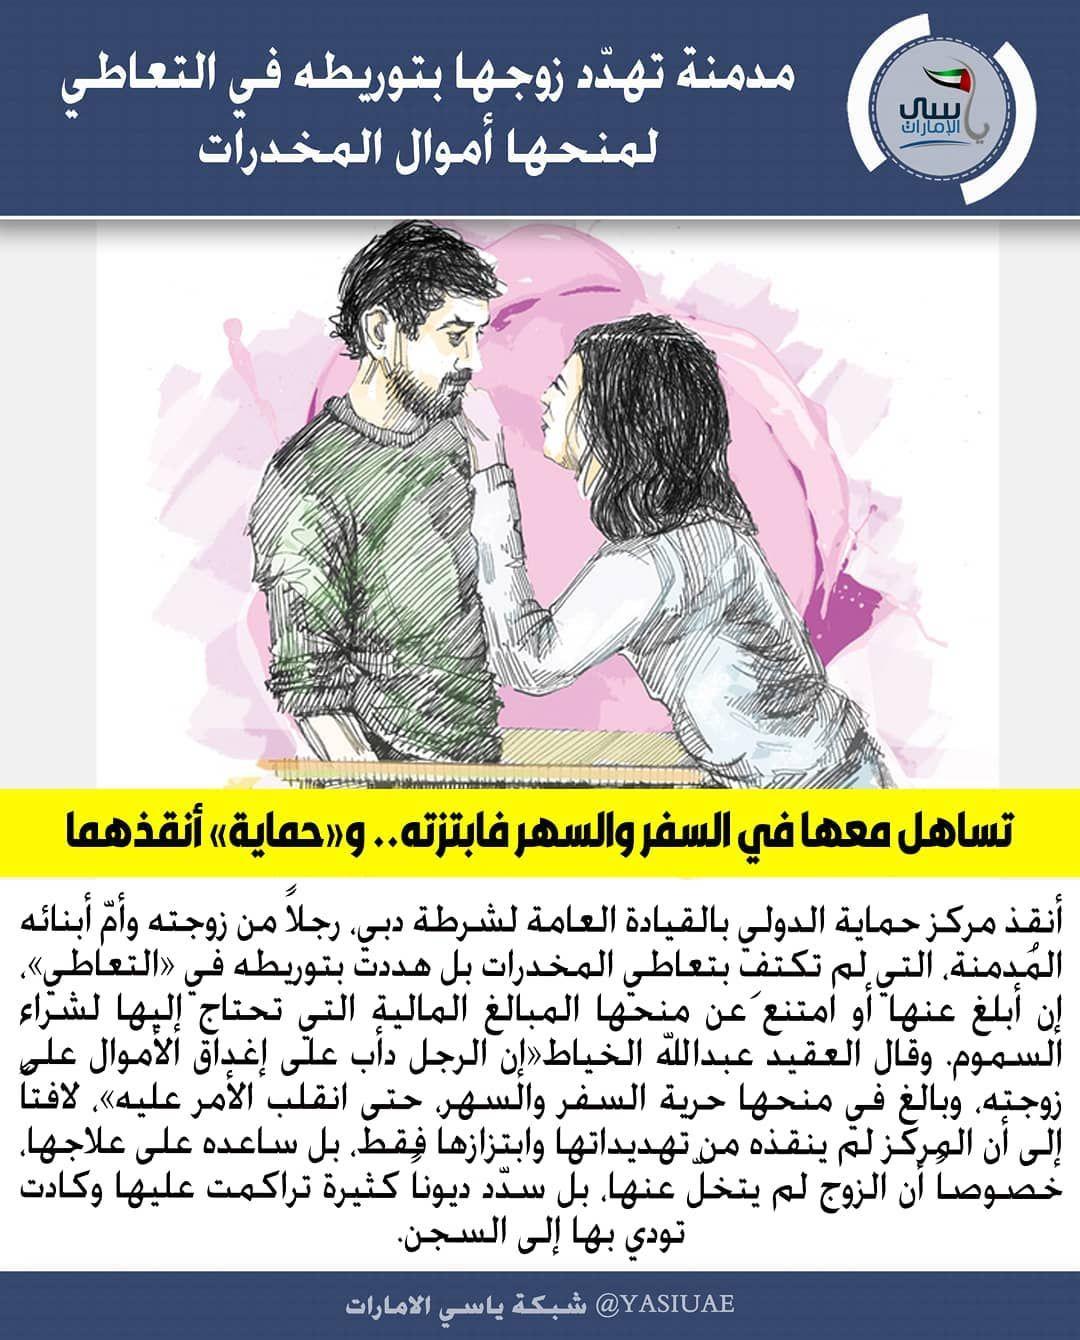 أنقذ مركز حماية الدولي بالقيادة العامة لشرطة دبي رجلا من زوجته وأم أبنائه الم دمنة التي لم تكتف بتعاطي المخدرات بل هددت بتوريطه في Memes Ecard Meme Ecards